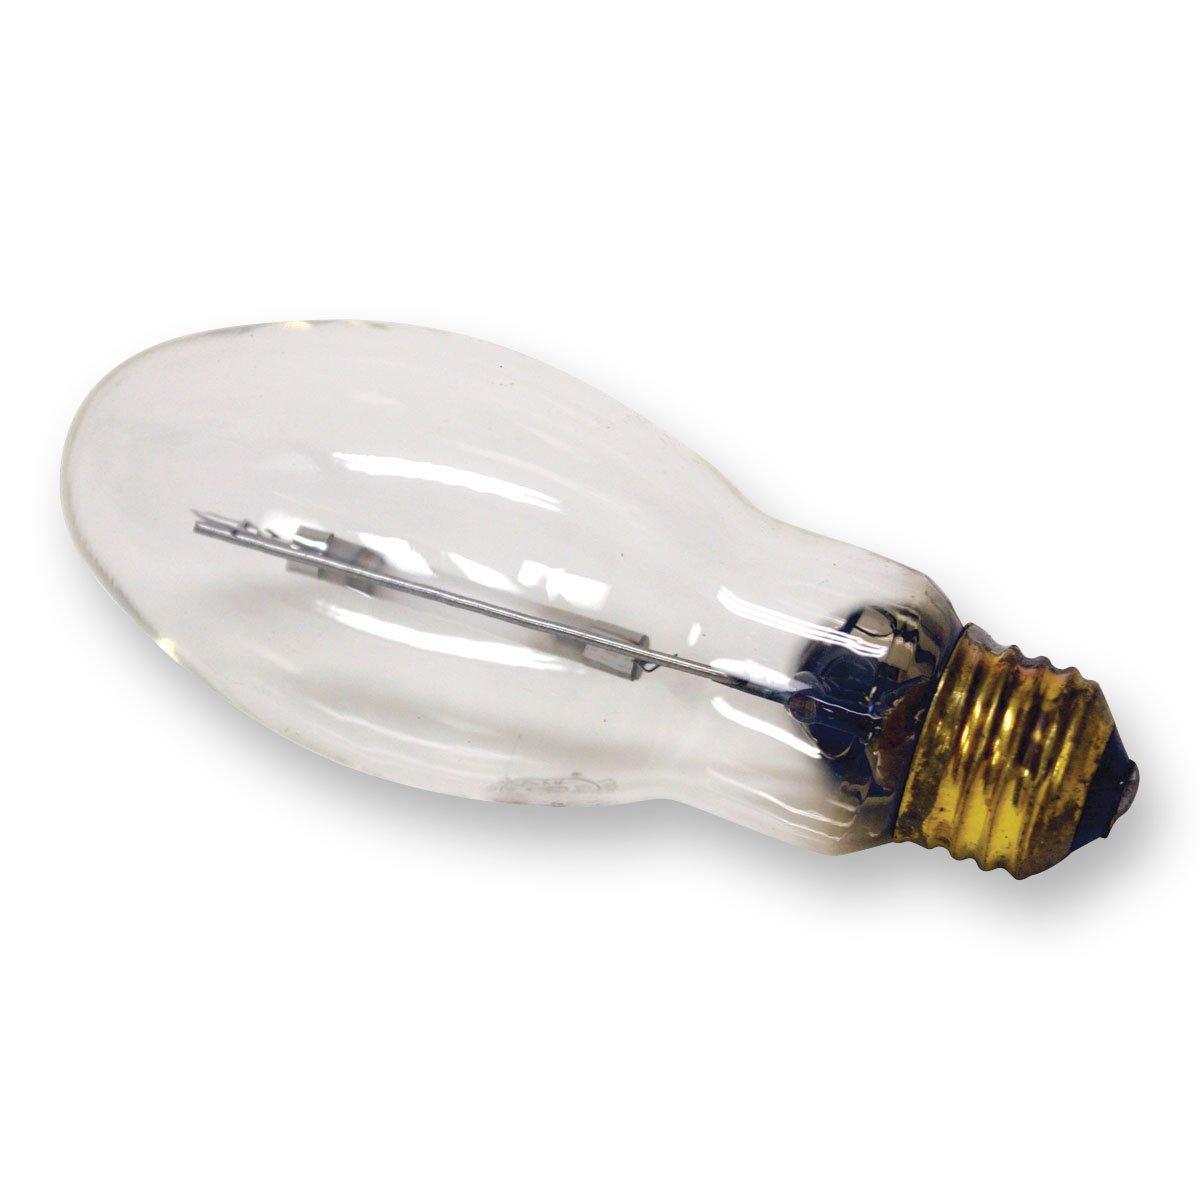 GE Lighting 22158 70-Watt HID Multi-Vapor